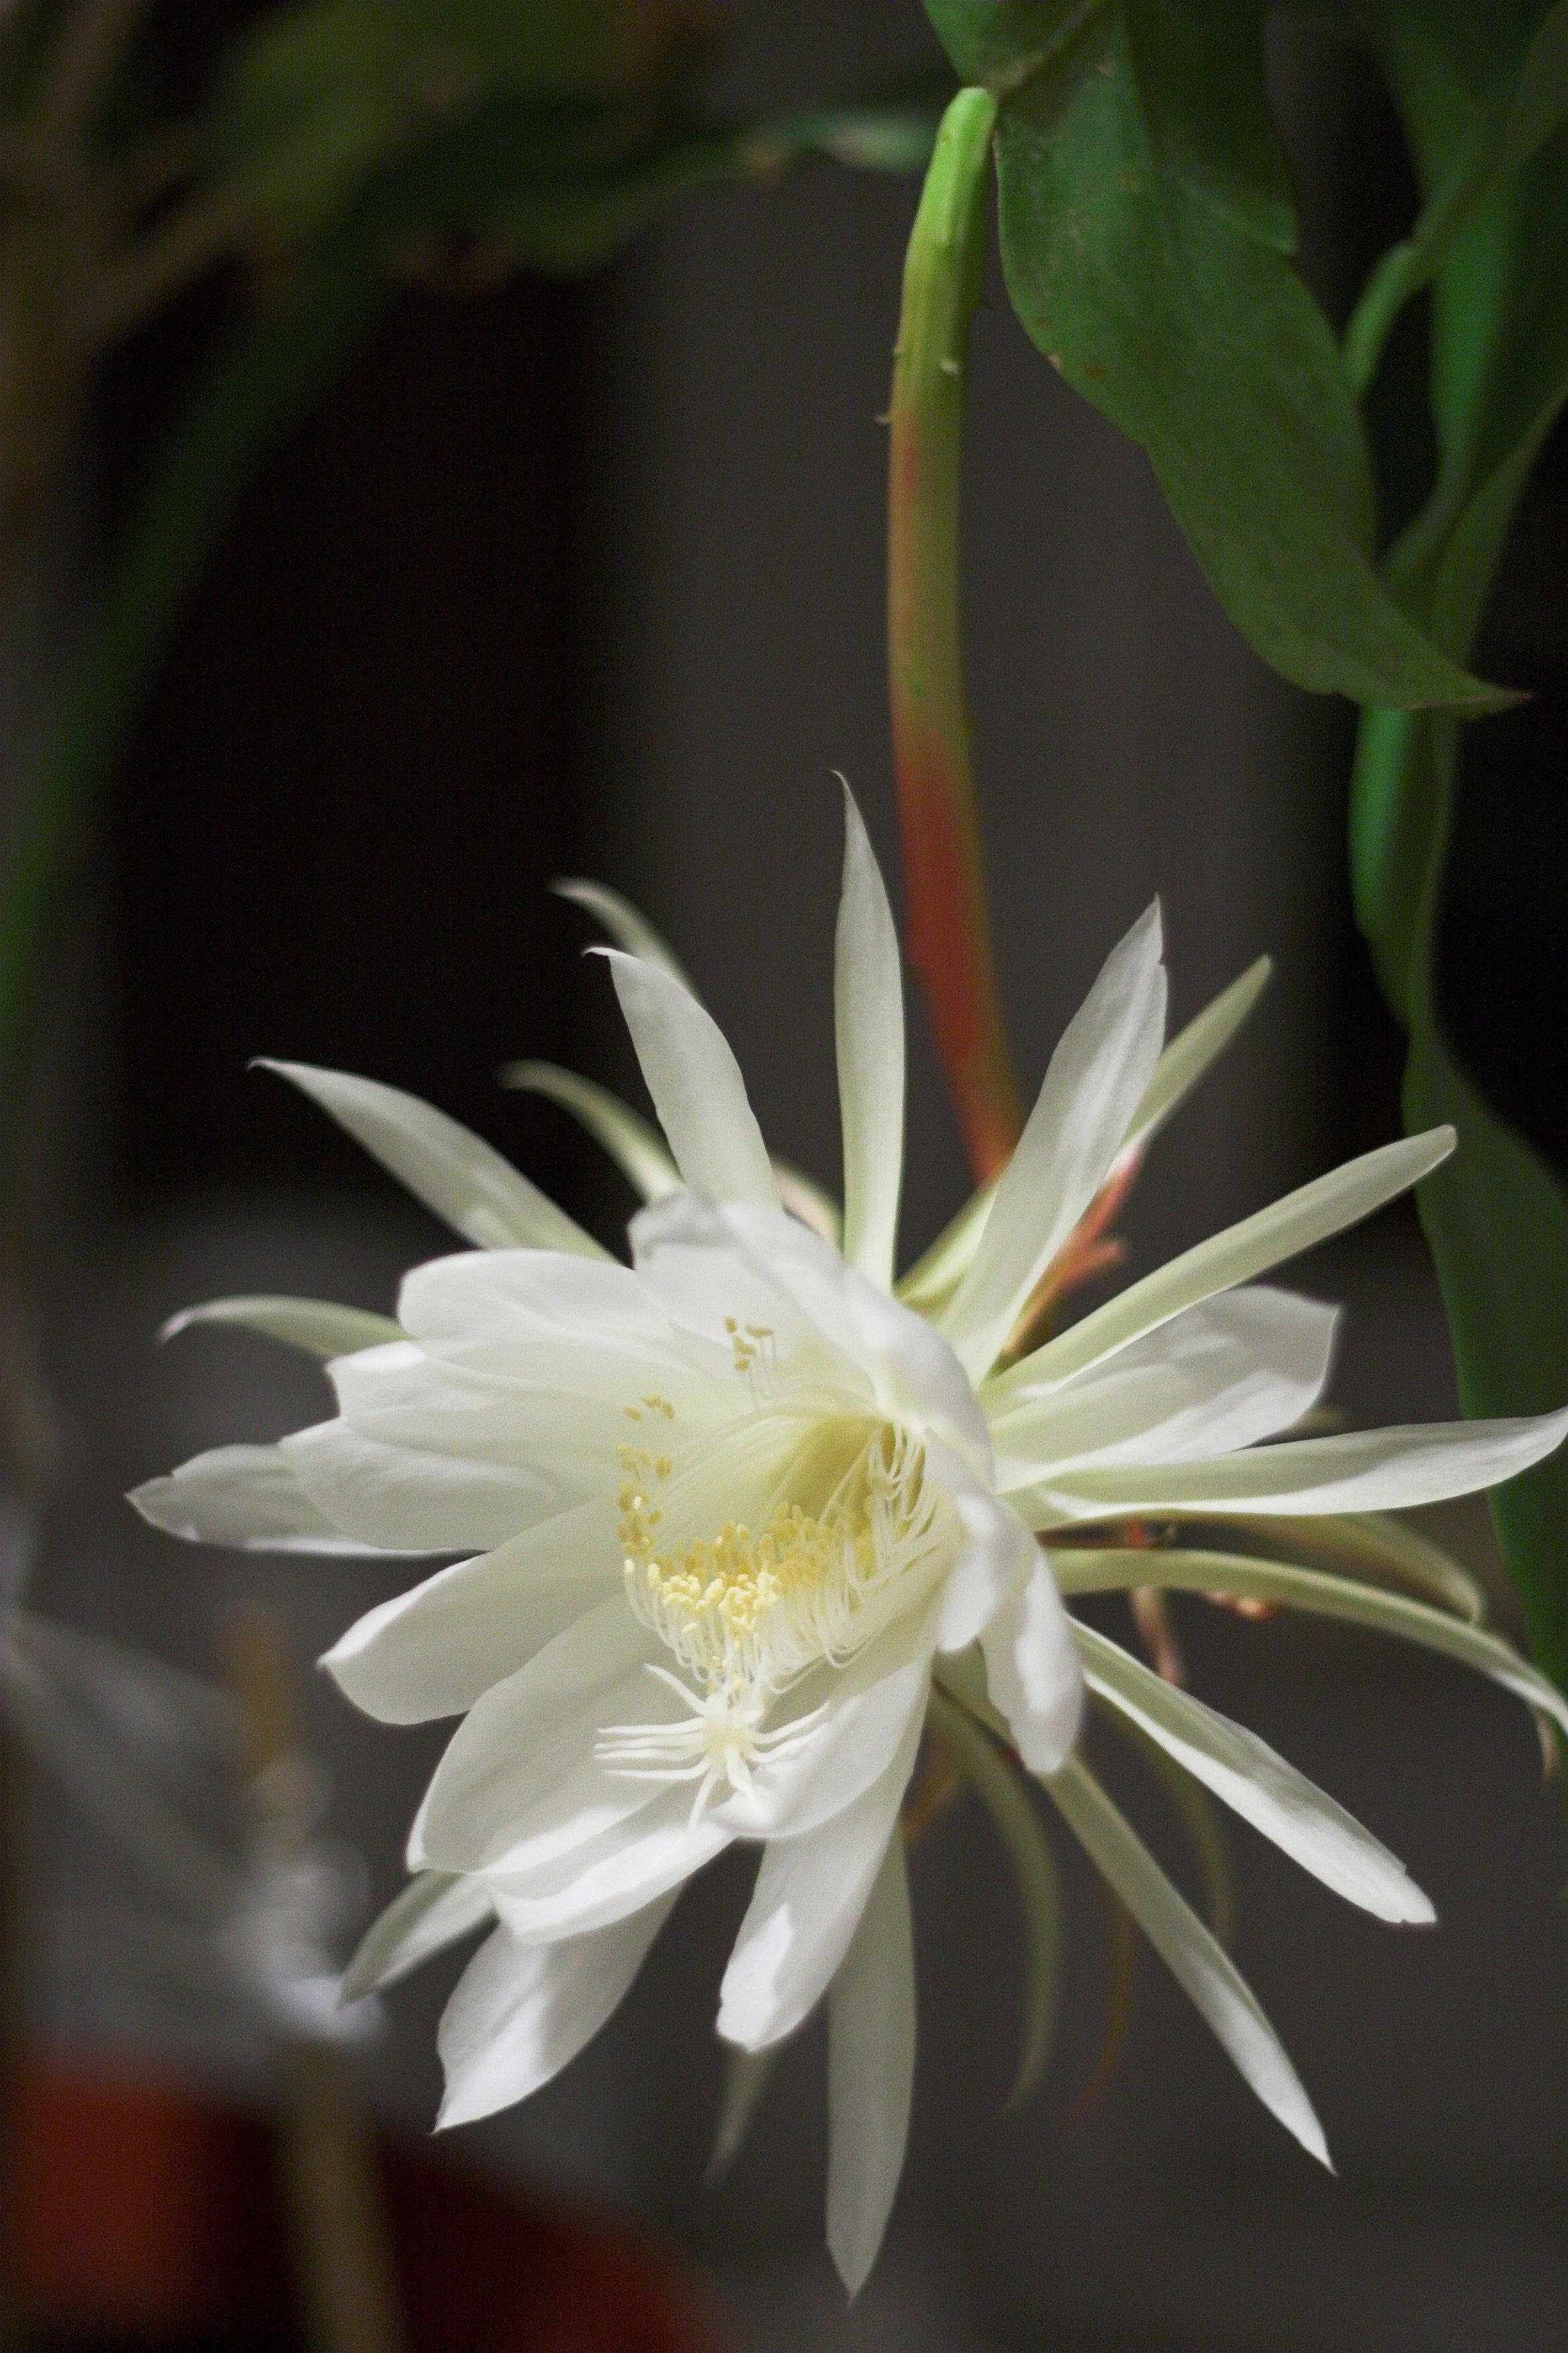 epiphyllum kezeli a pikkelysmr gyógyítani pikkelysömör mikor